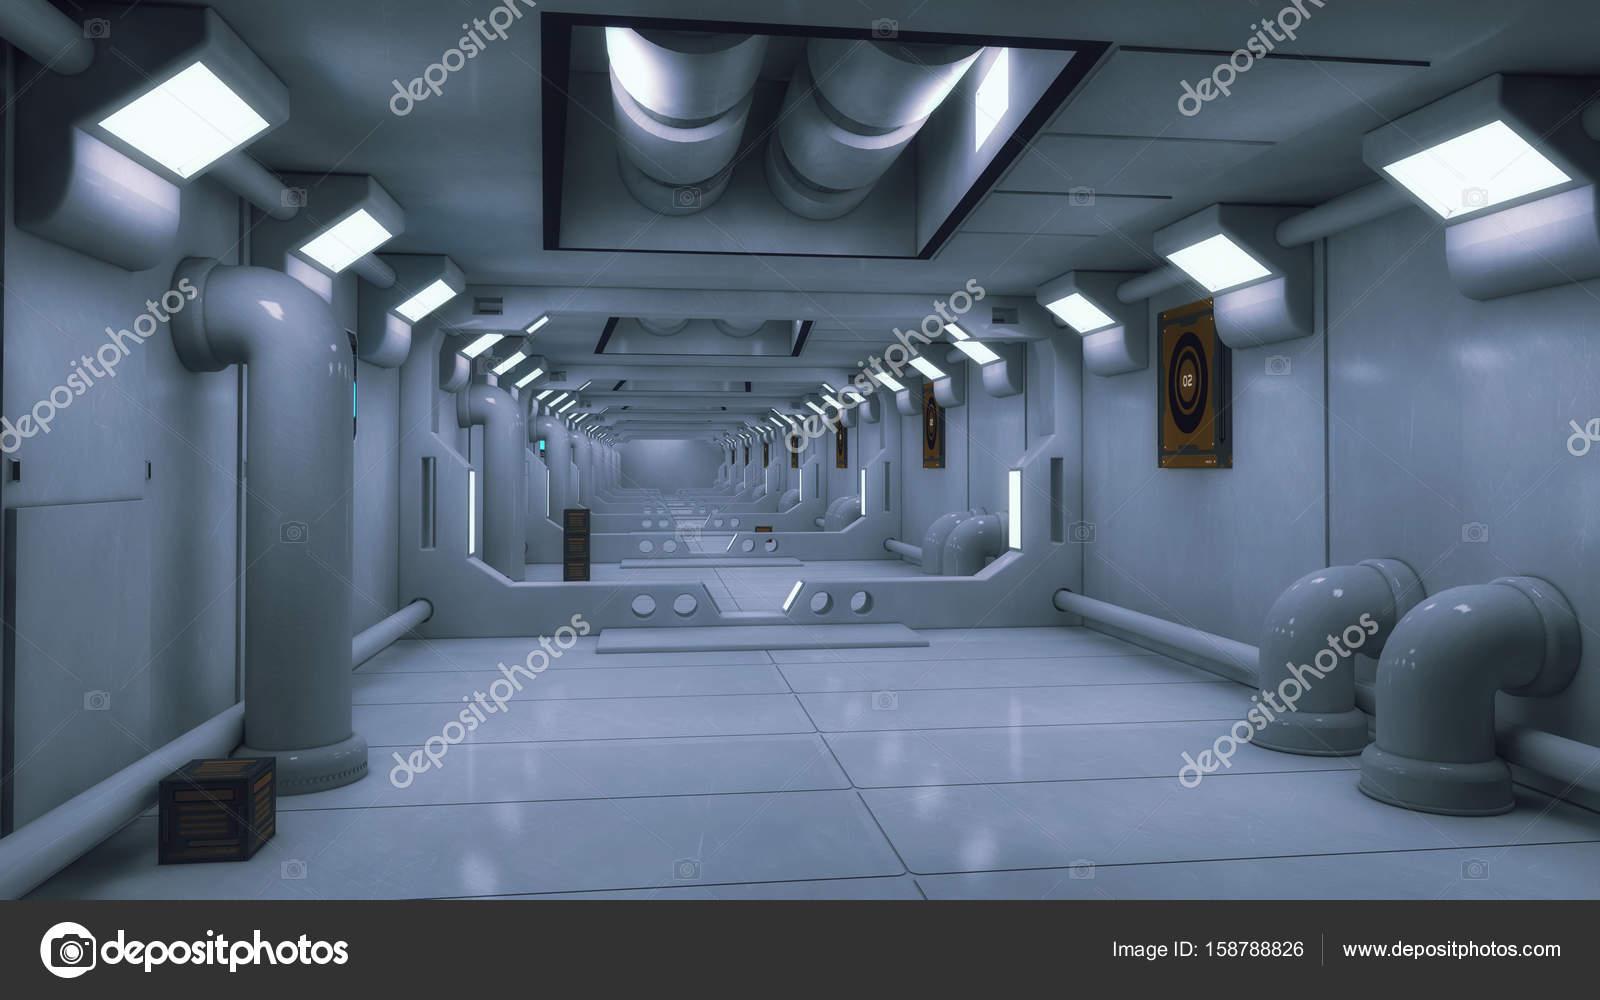 rendu 3d fond de couloir int rieur de vaisseau spatial futuriste photographie mik38 158788826. Black Bedroom Furniture Sets. Home Design Ideas